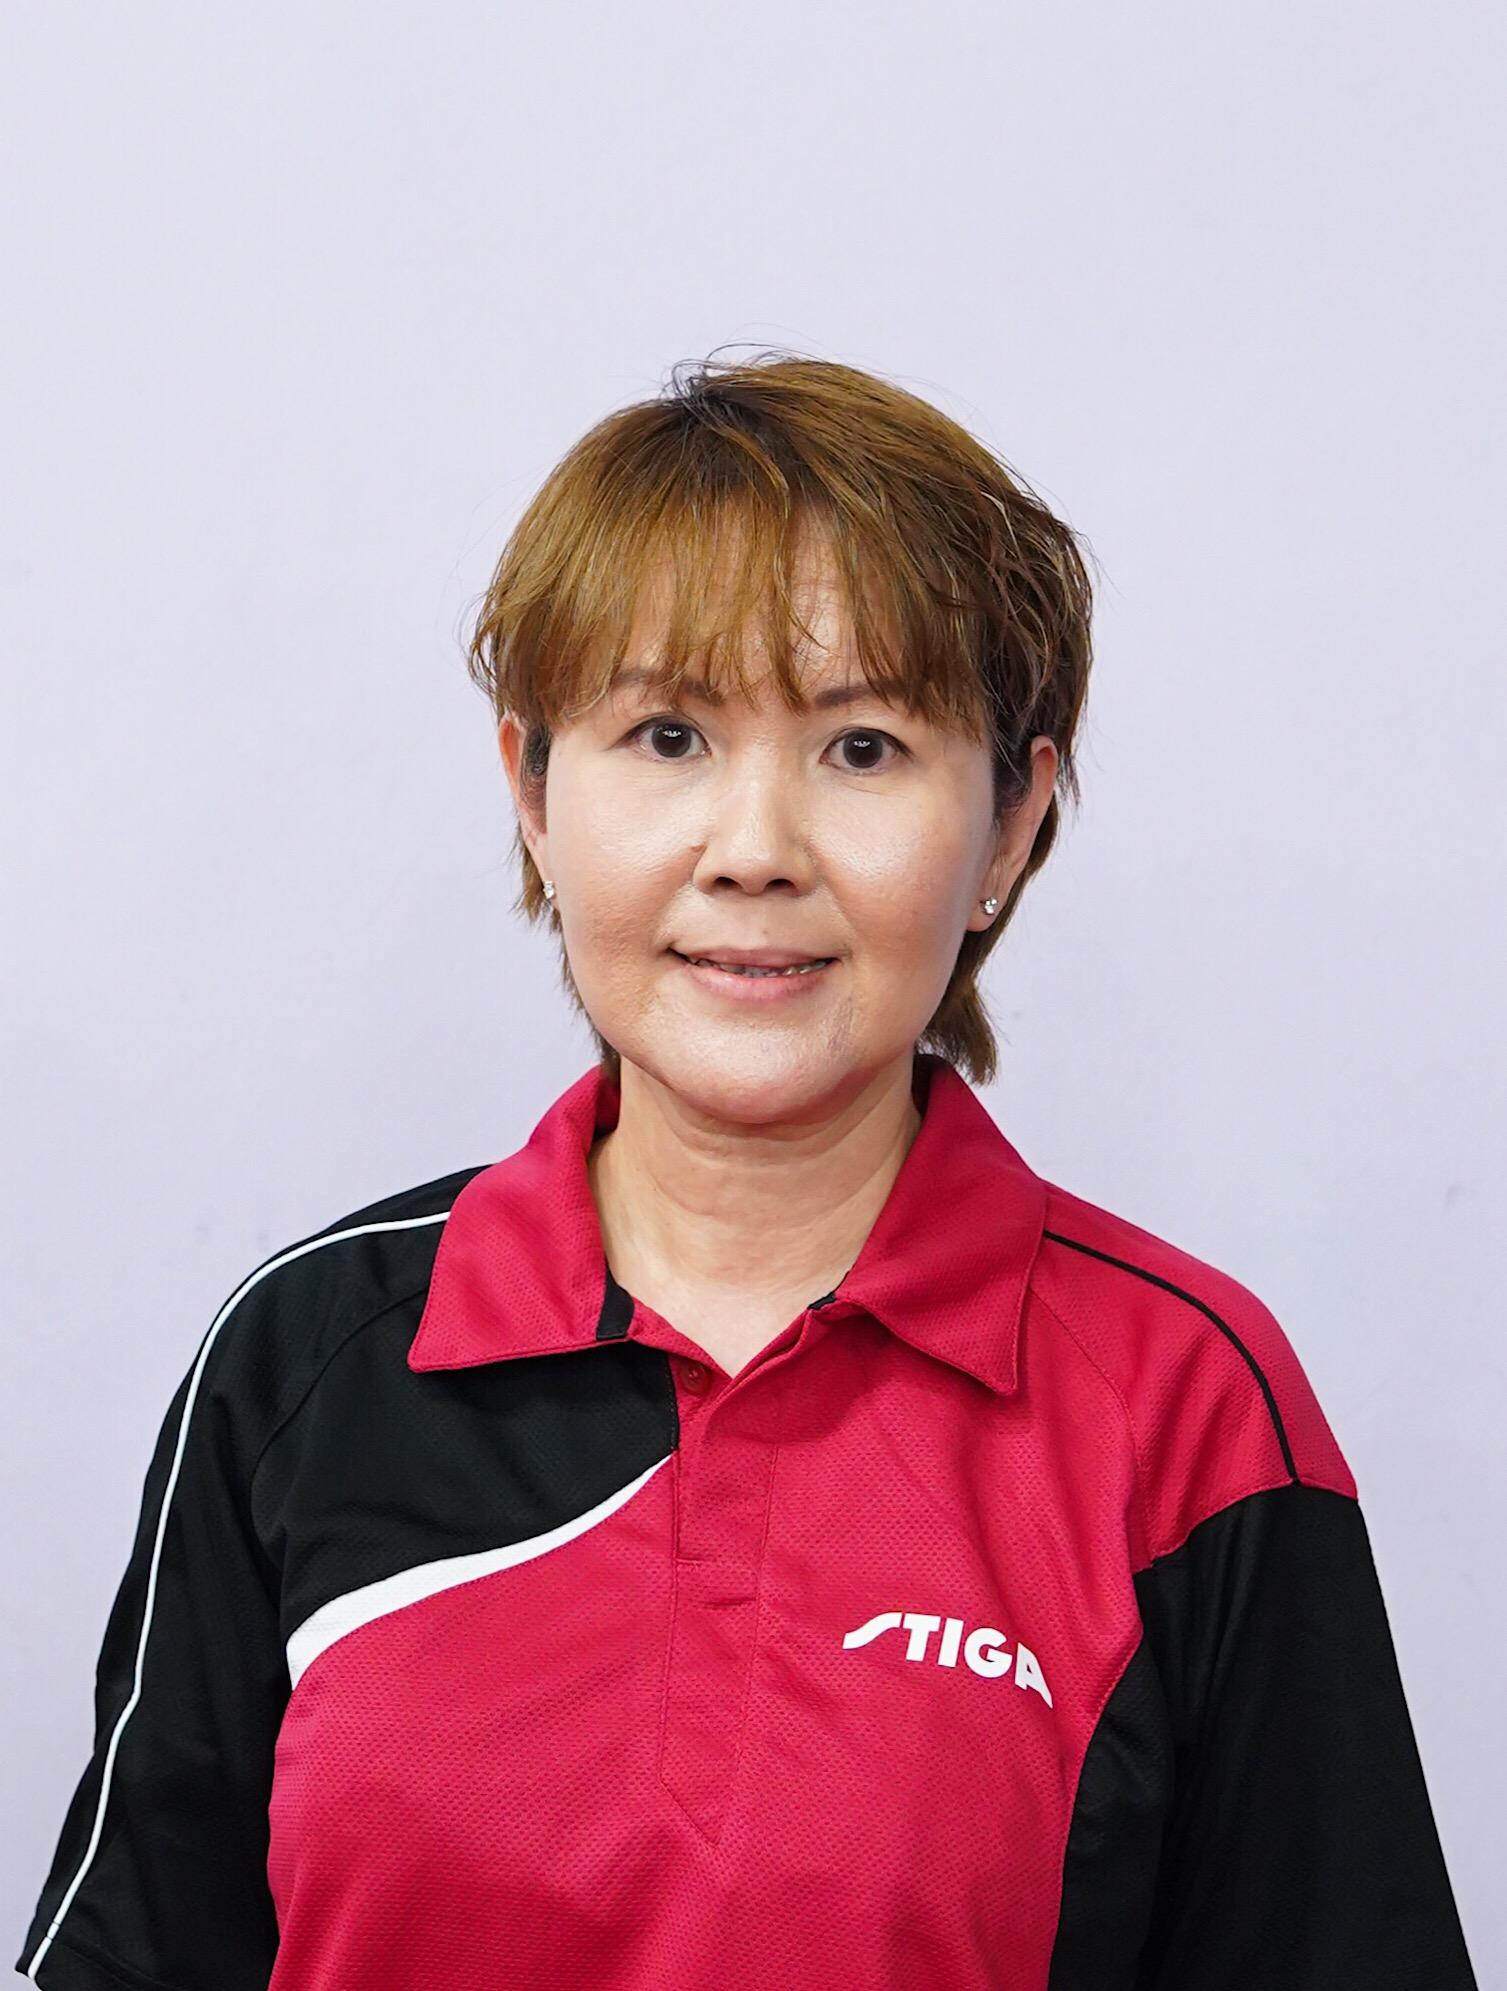 Joanne Lee